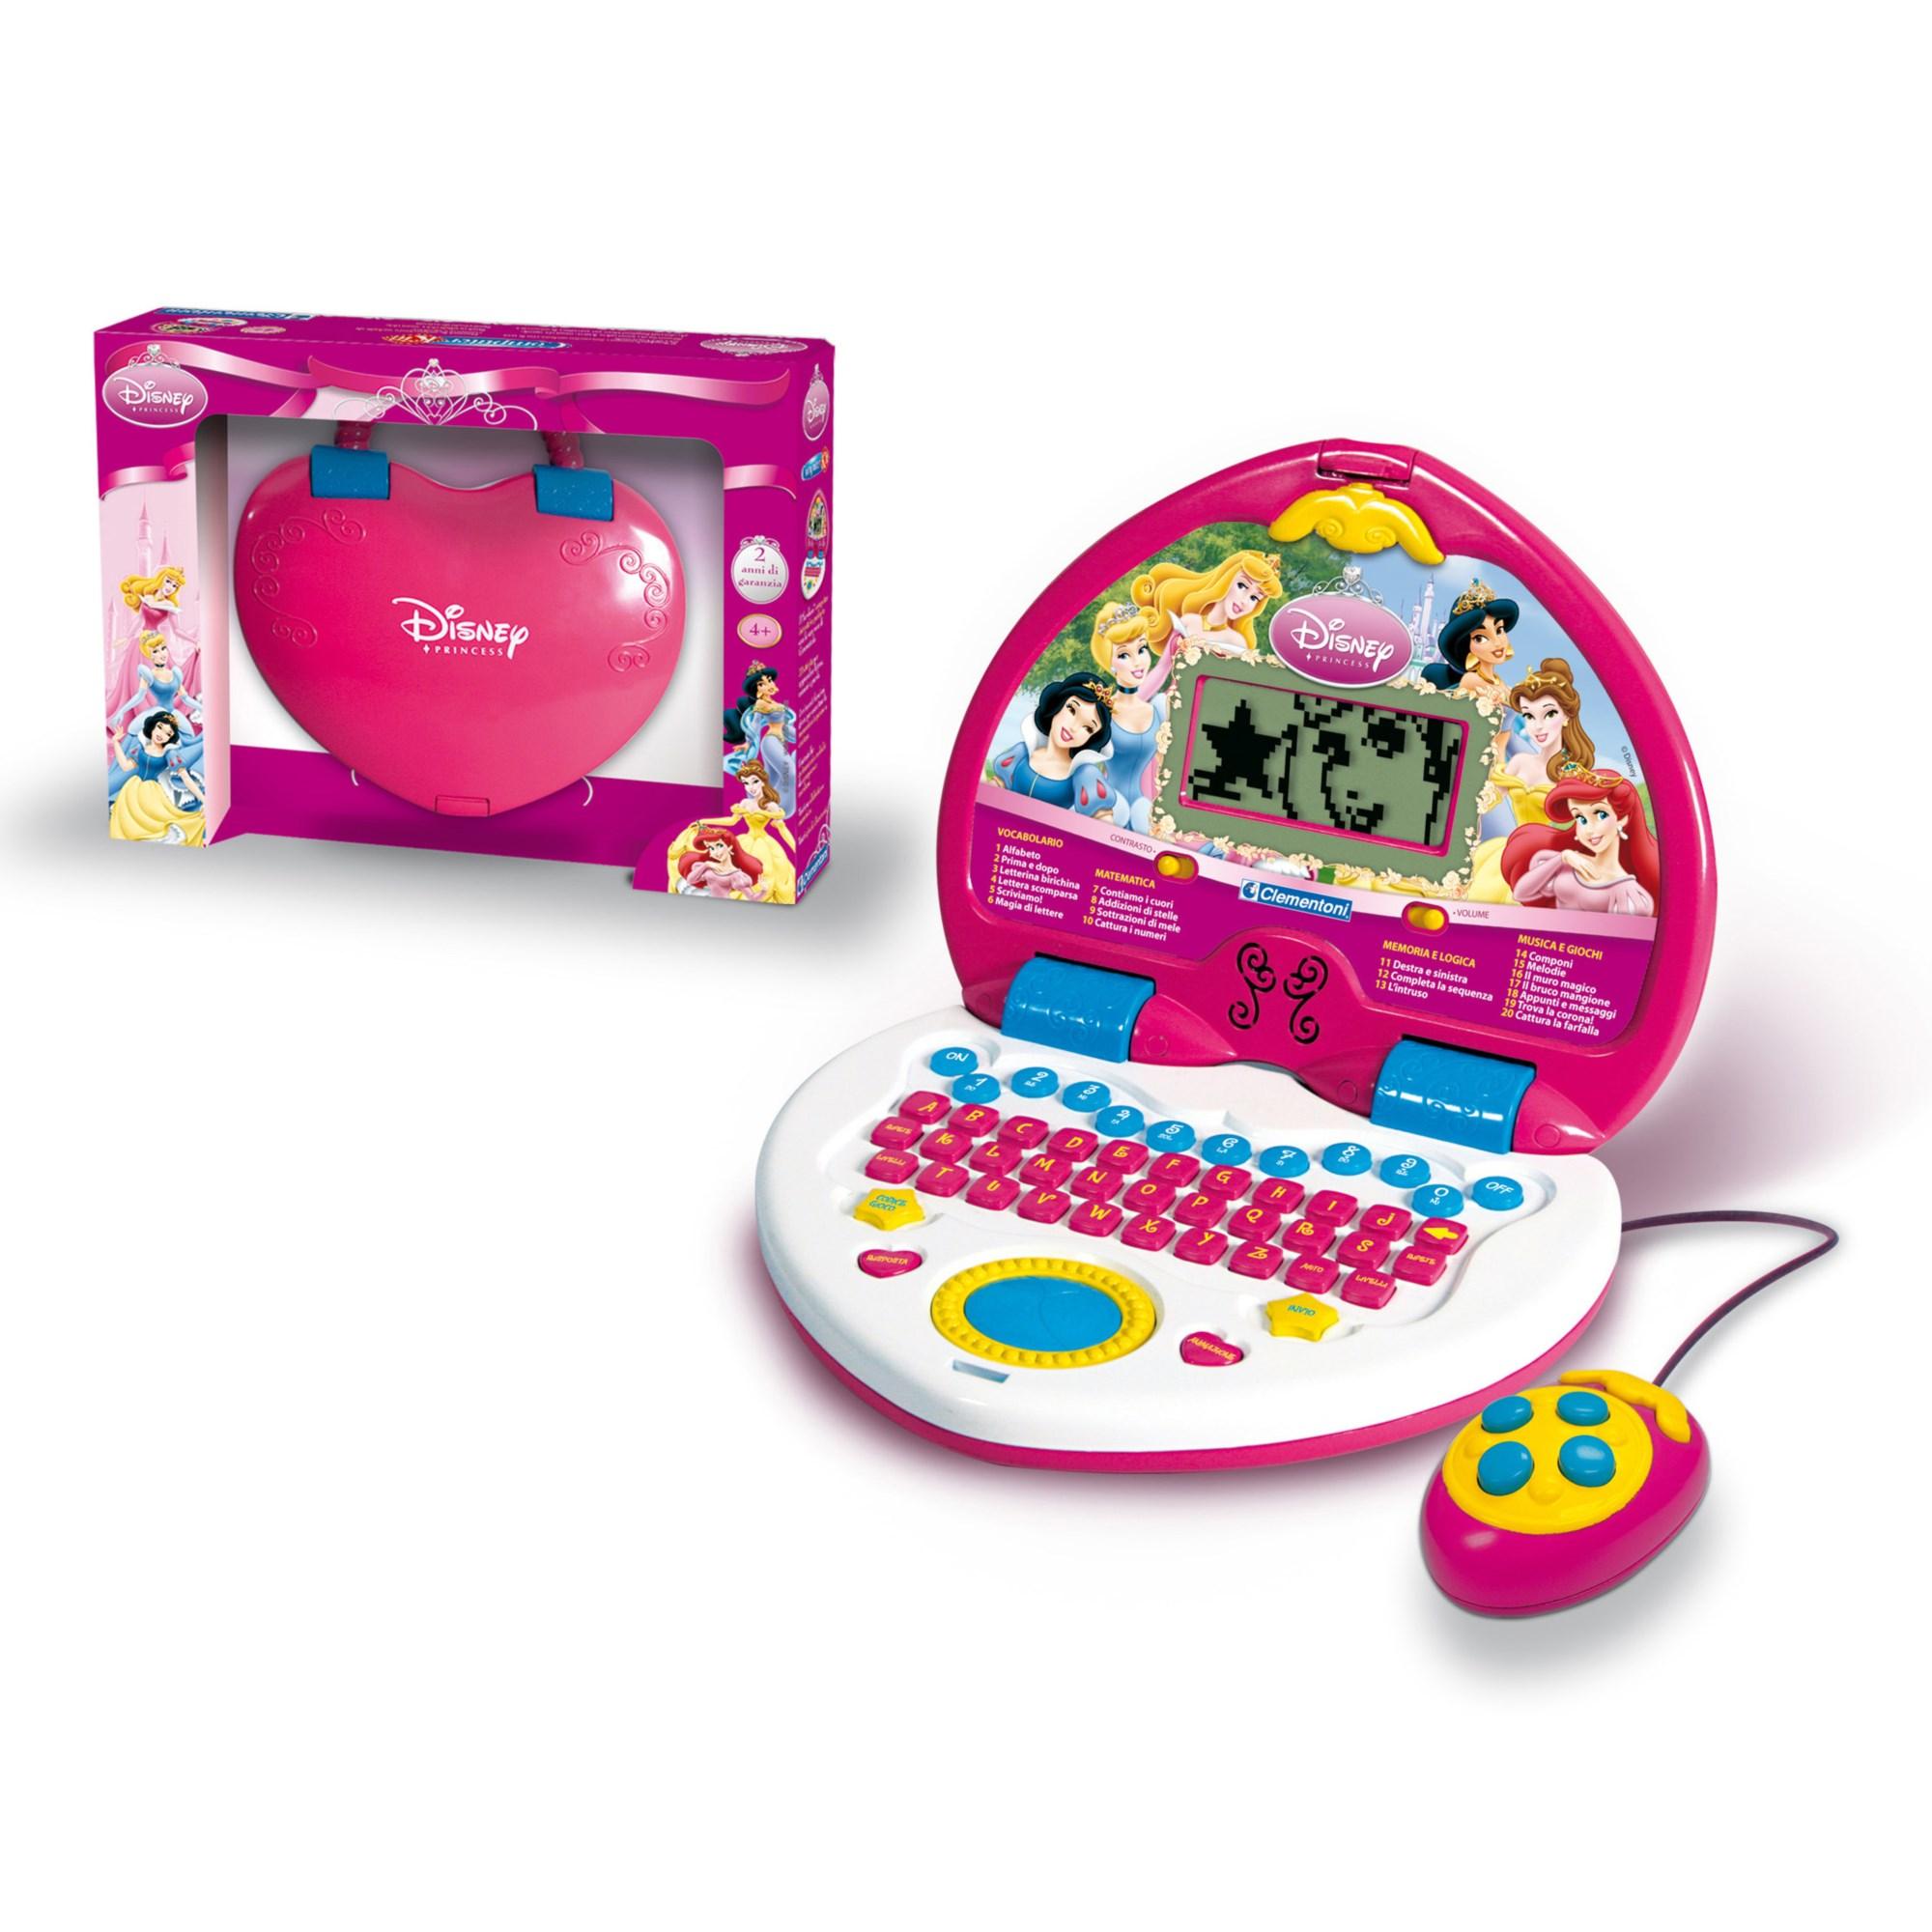 Детский компьютер «Принцессы»